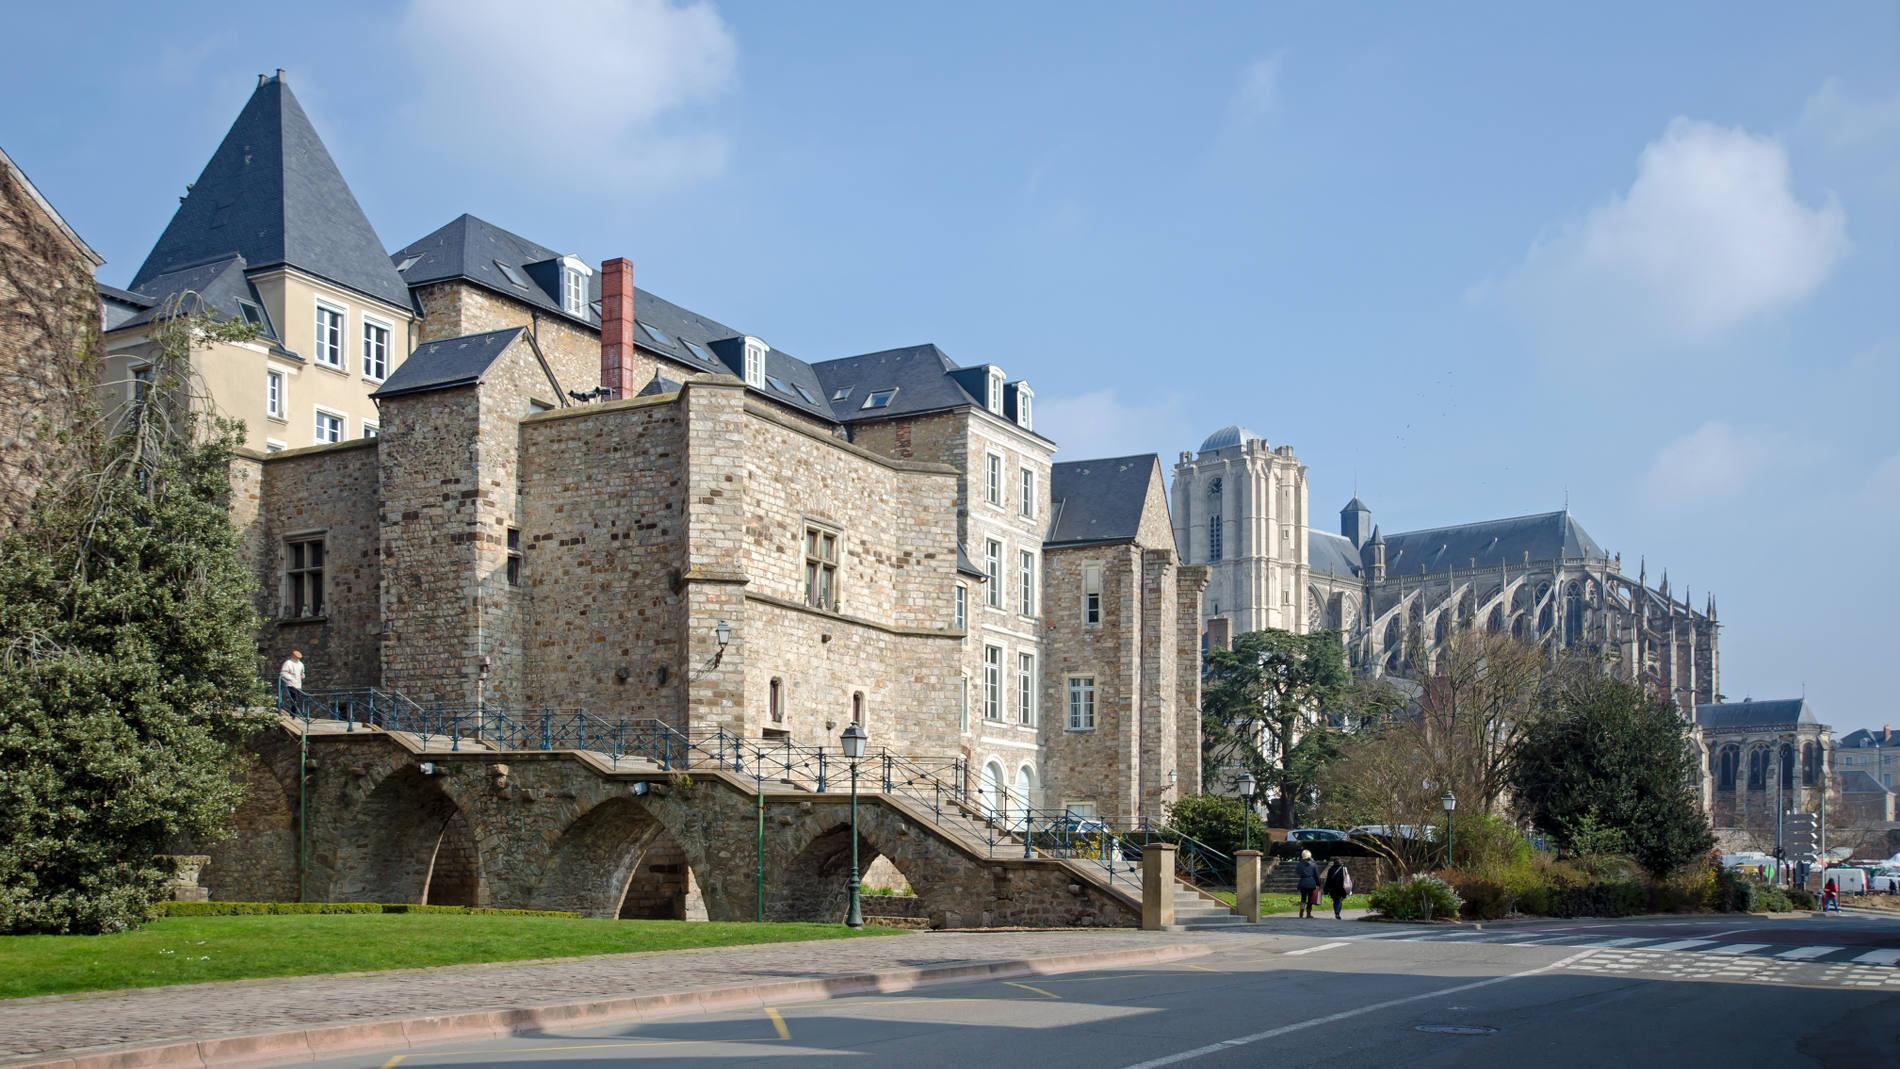 La cité Plantagenet dans la ville du Mans